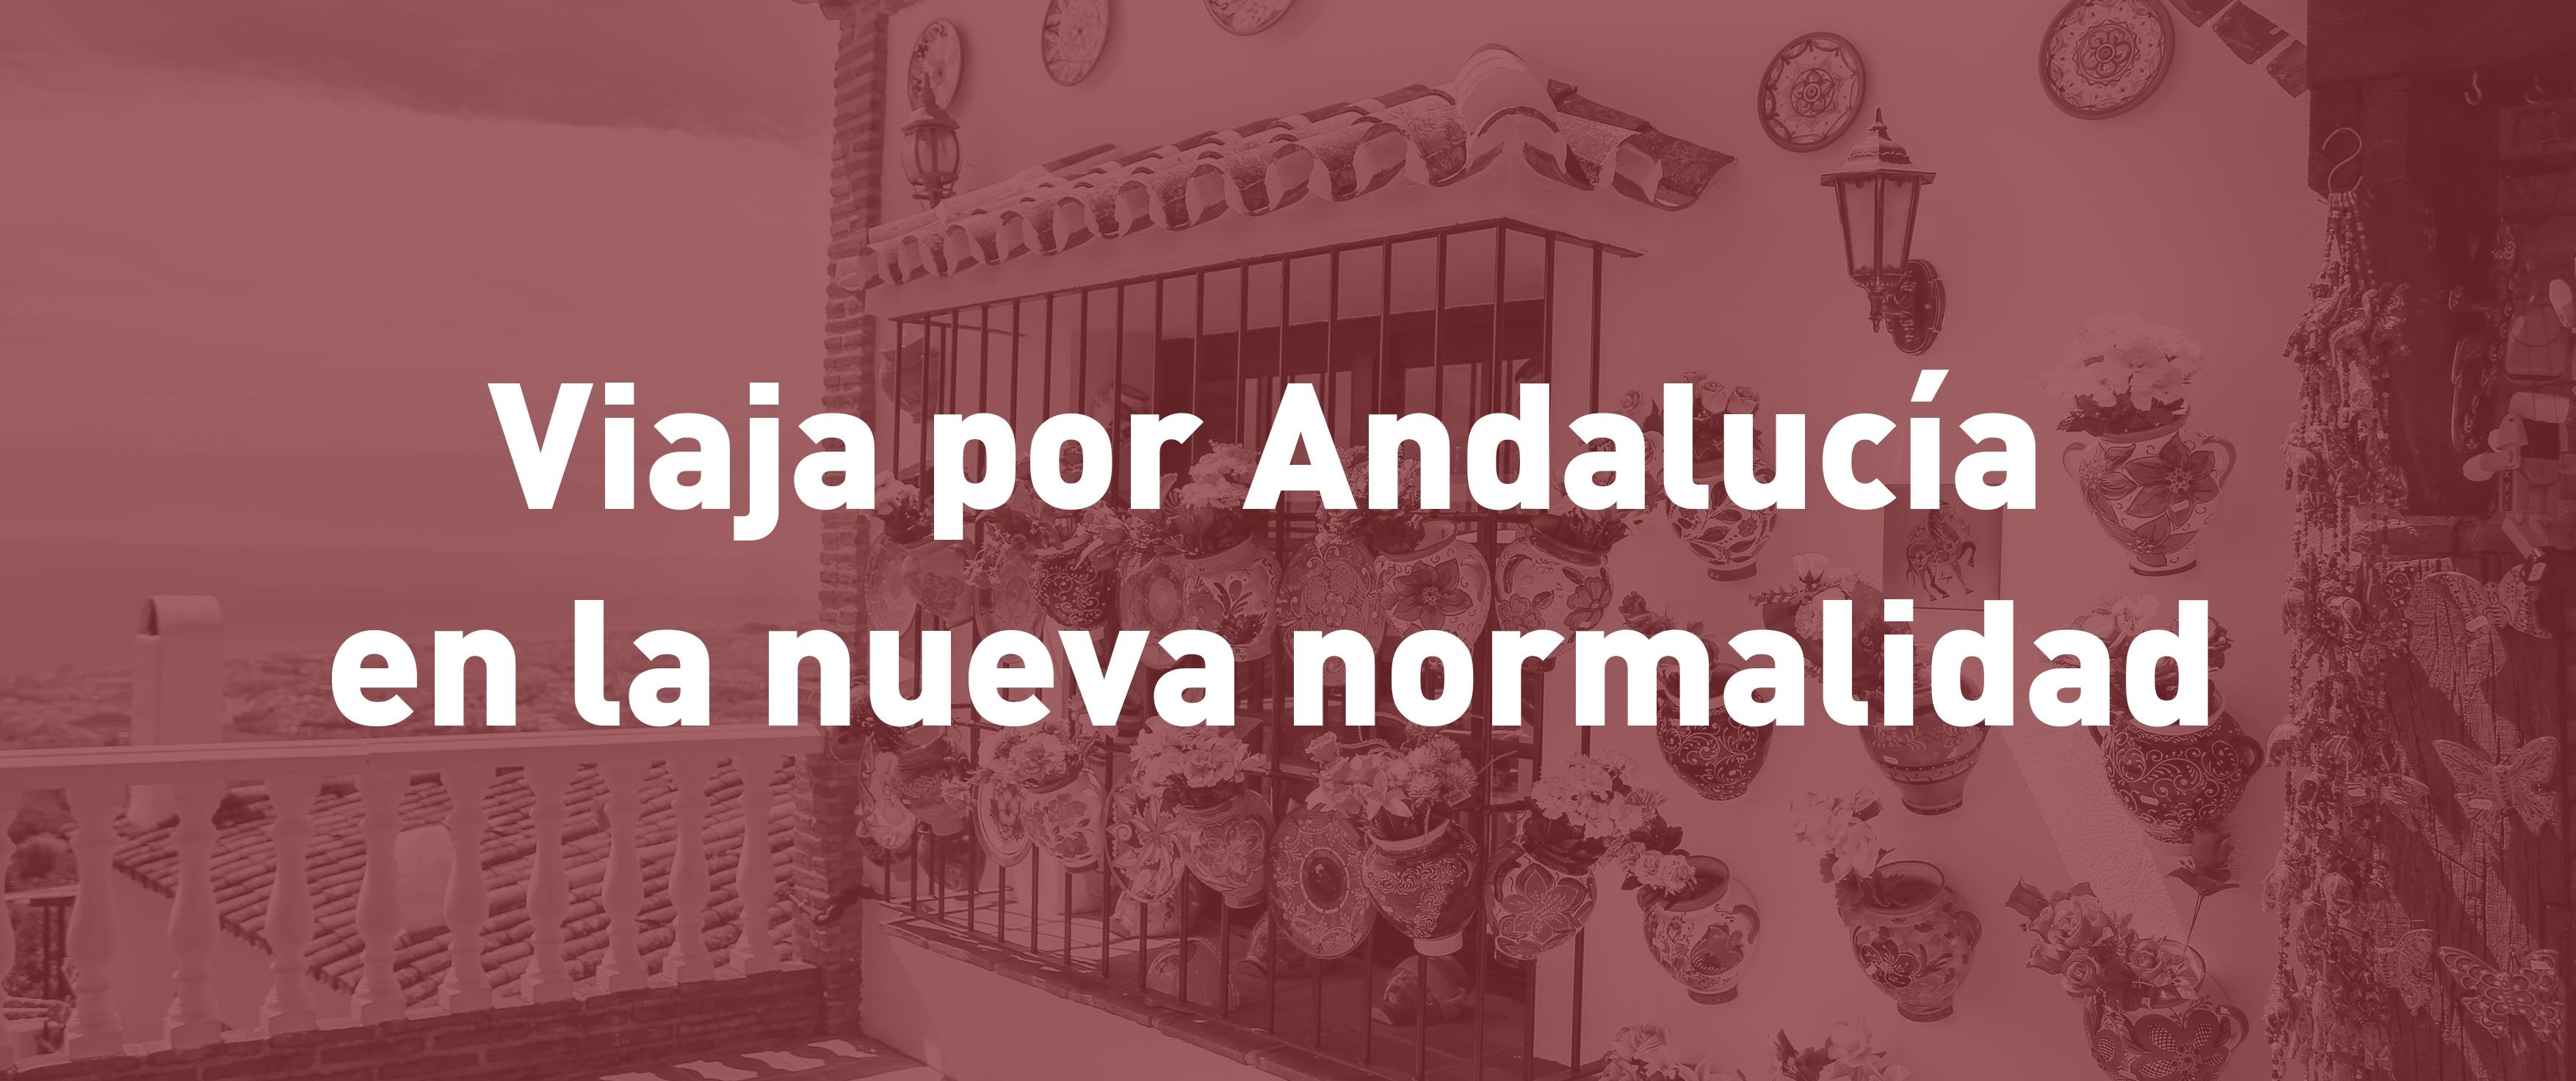 ¿Qué se puede hacer en Andalucía en la nueva normalidad?